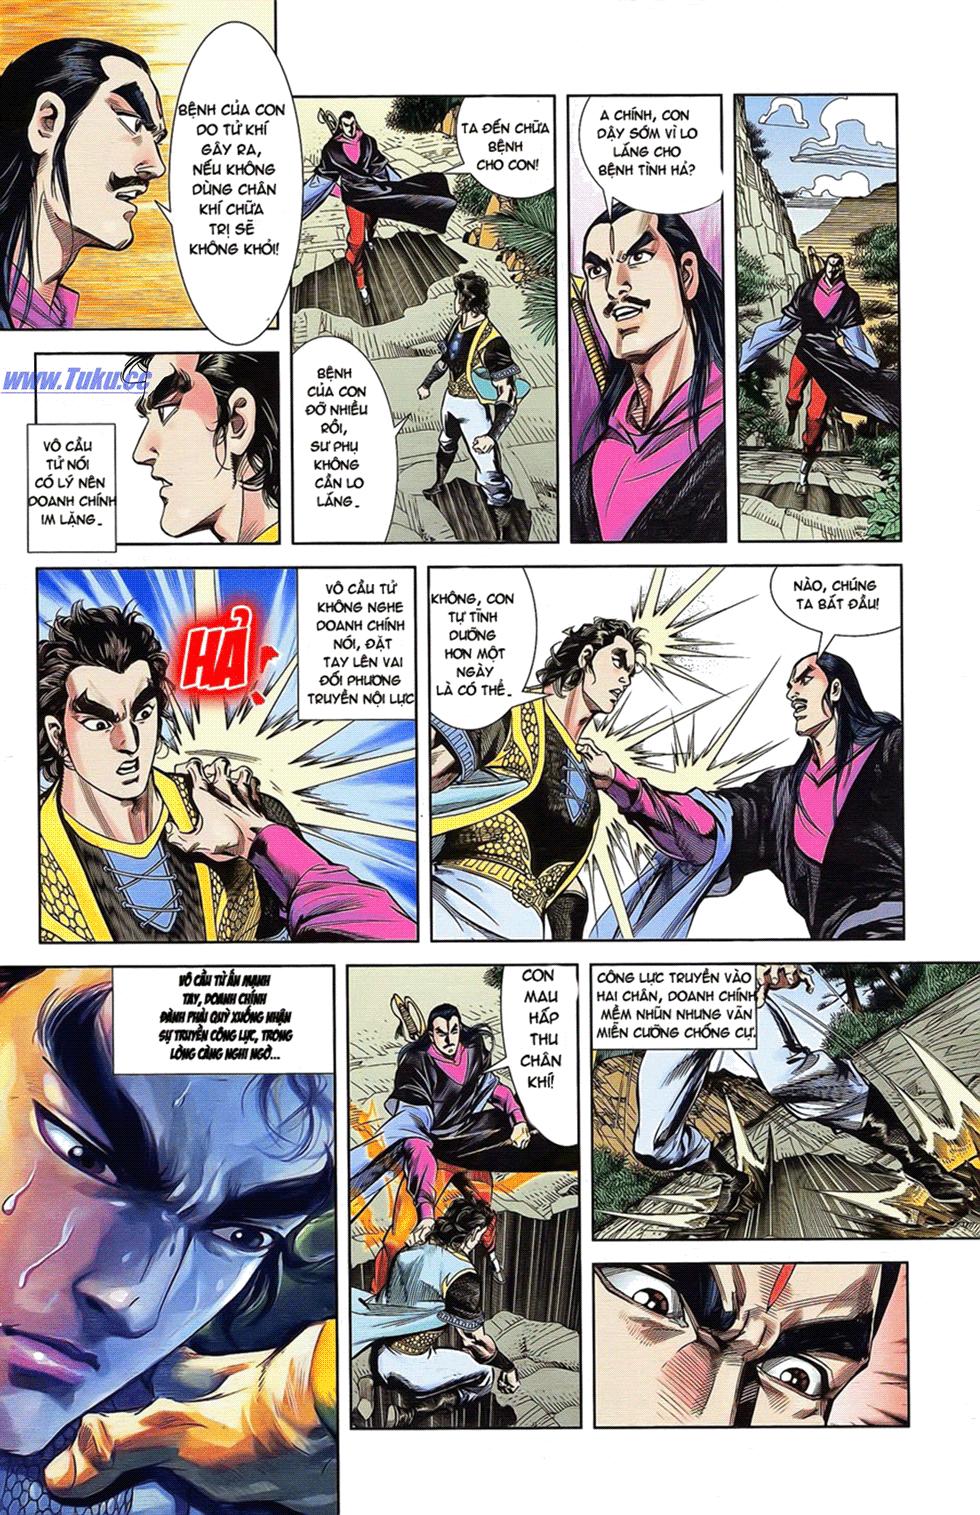 Tần Vương Doanh Chính chapter 18 trang 11